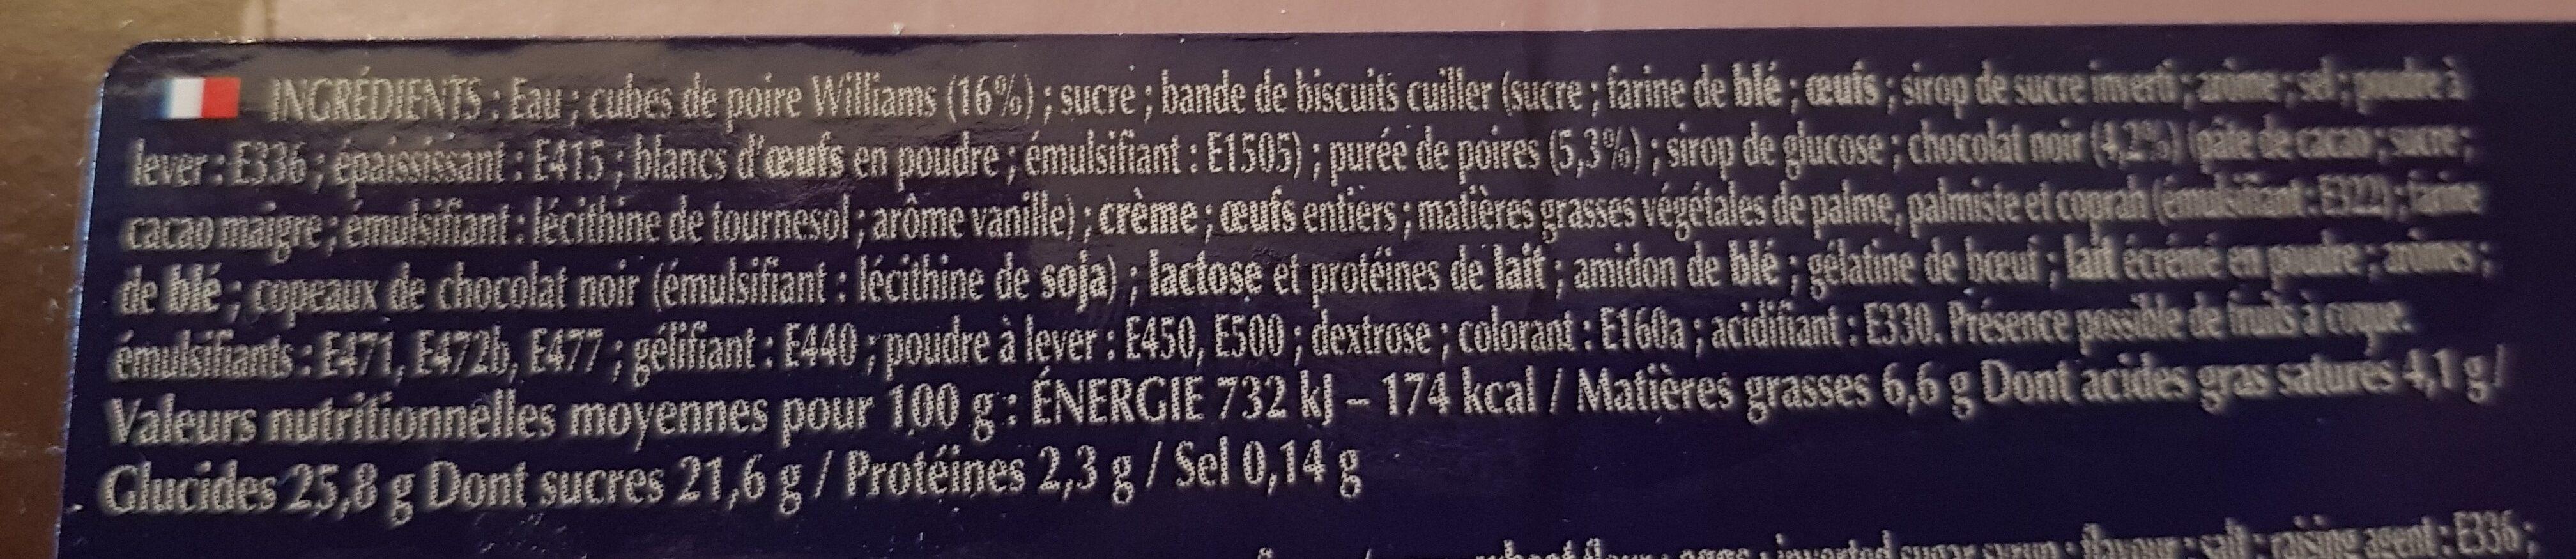 800G Charlotte Poire / Chocolat Boncolac - Ingrédients - fr